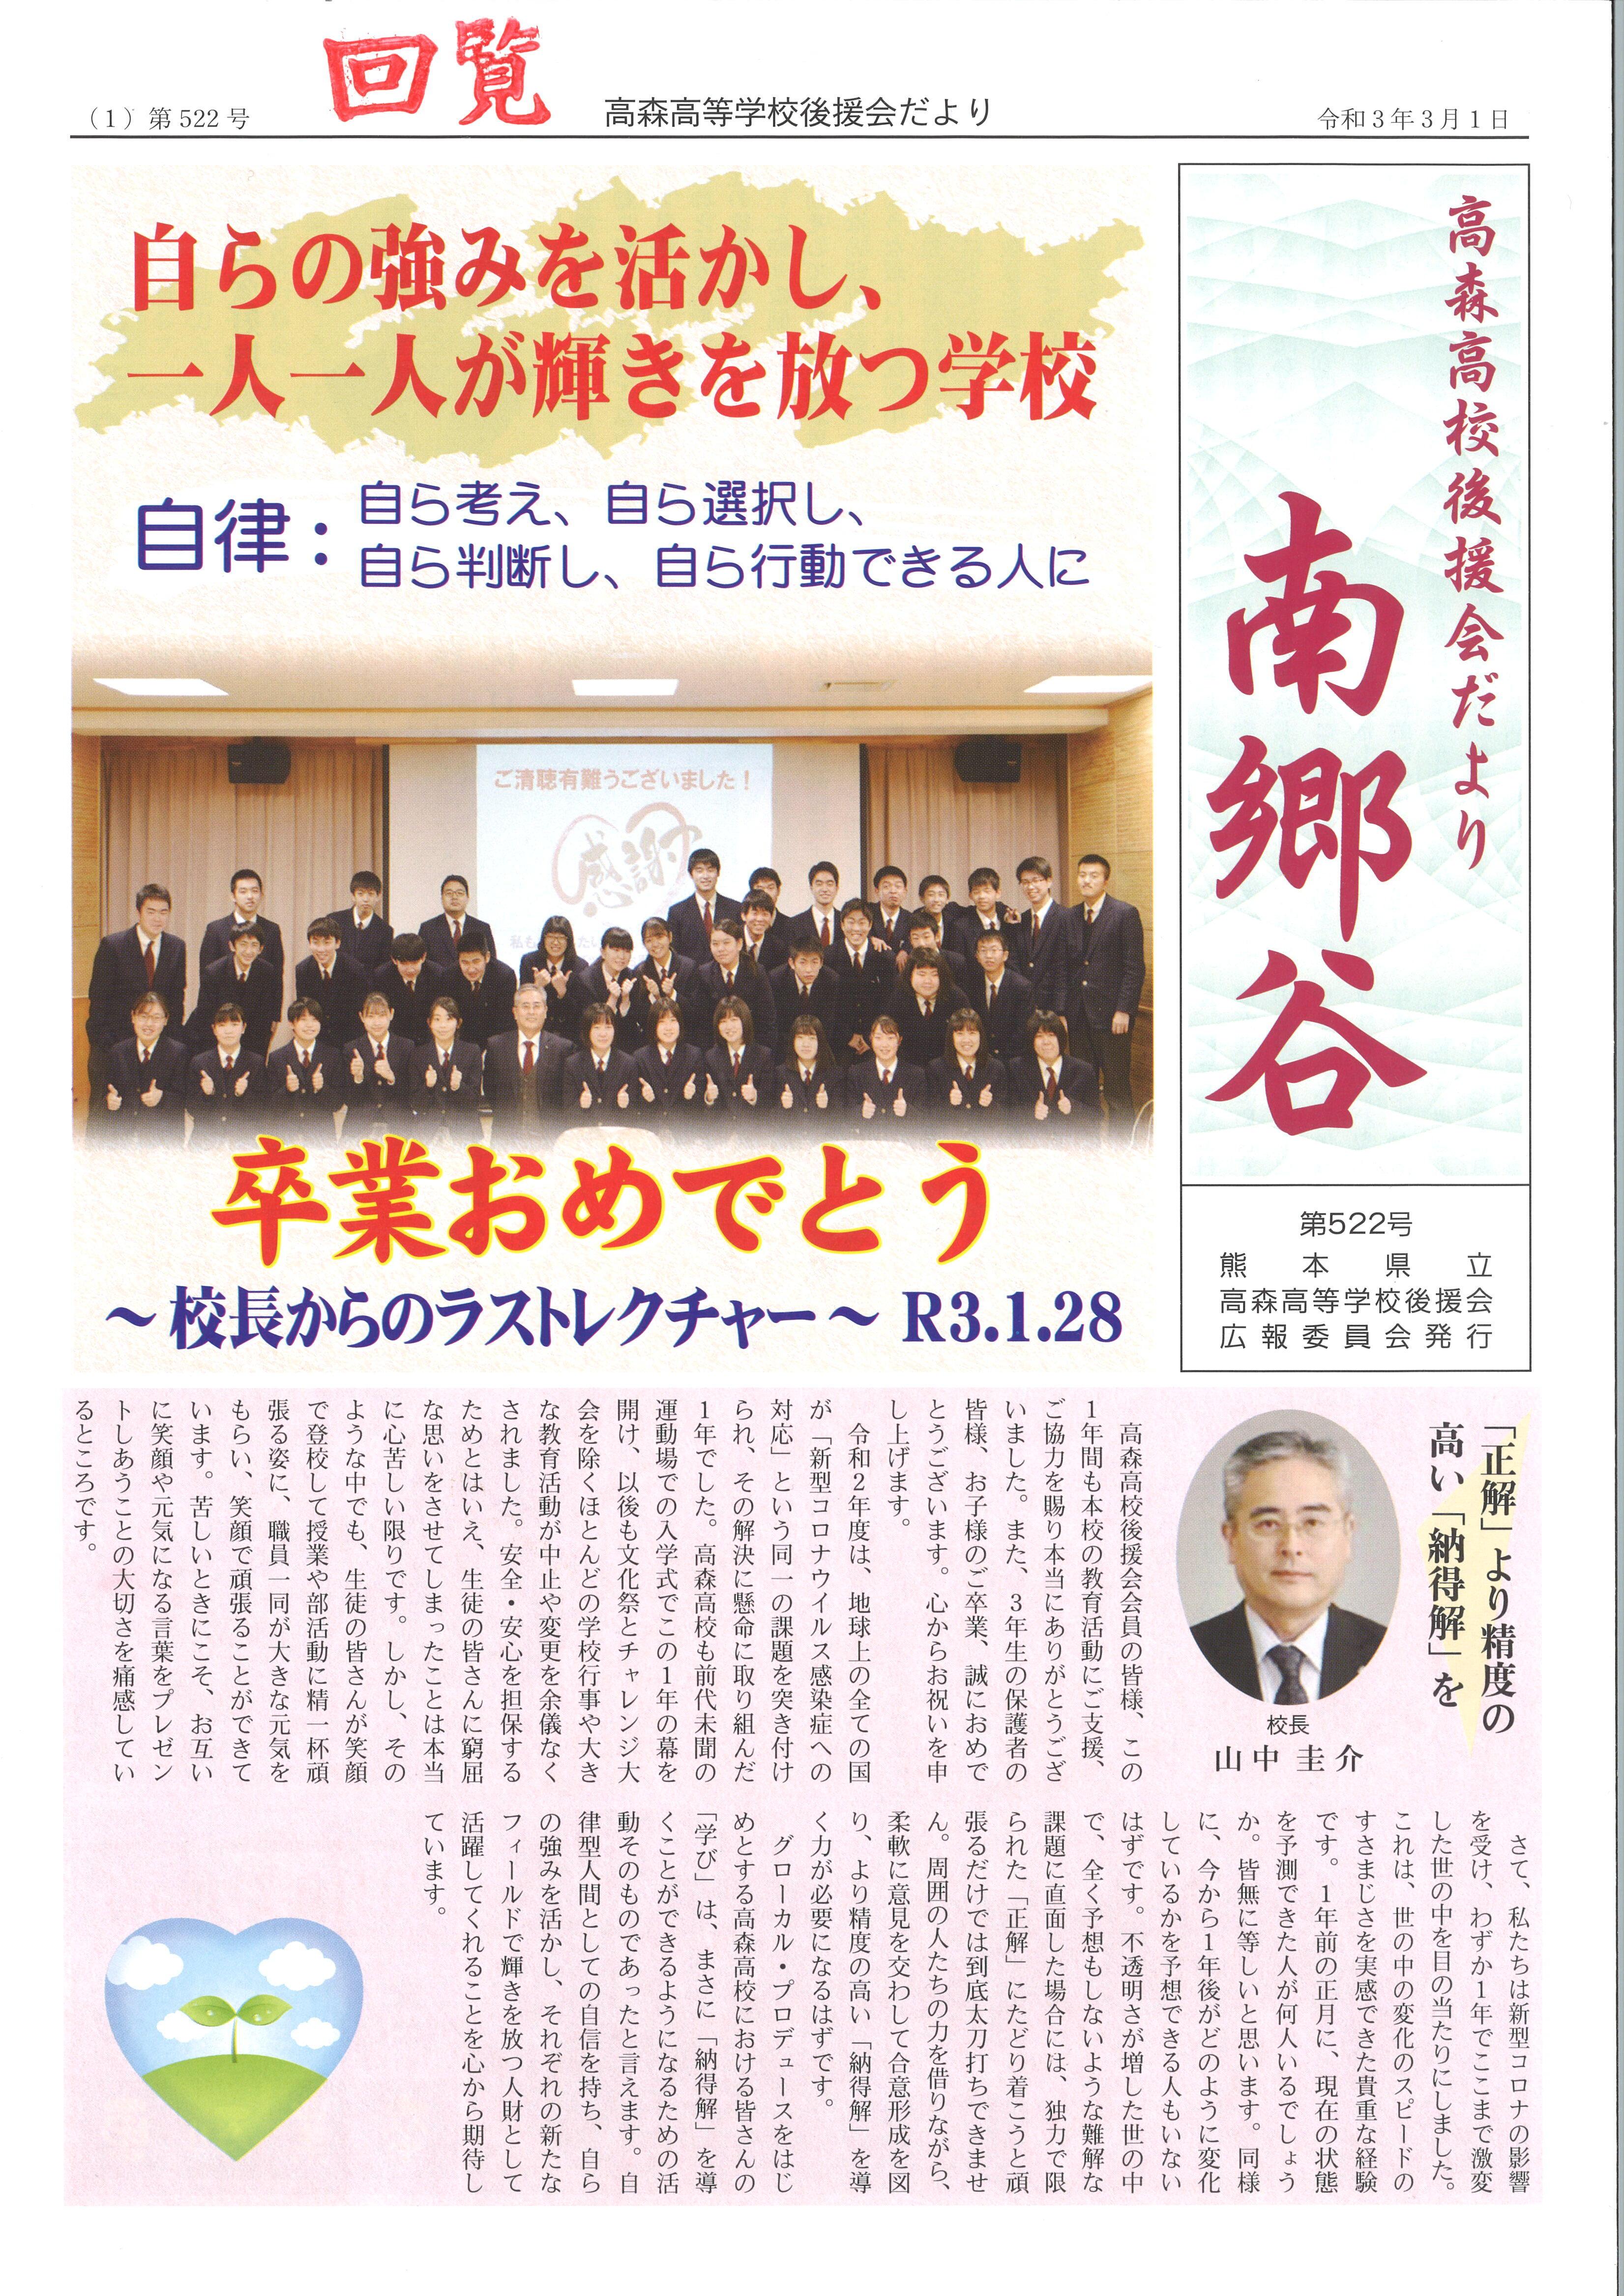 http://www.town.takamori.kumamoto.jp/chosha/somu/upload/b16d7a169231cbaaf2c7a9fedd1612d465c74da5.jpg